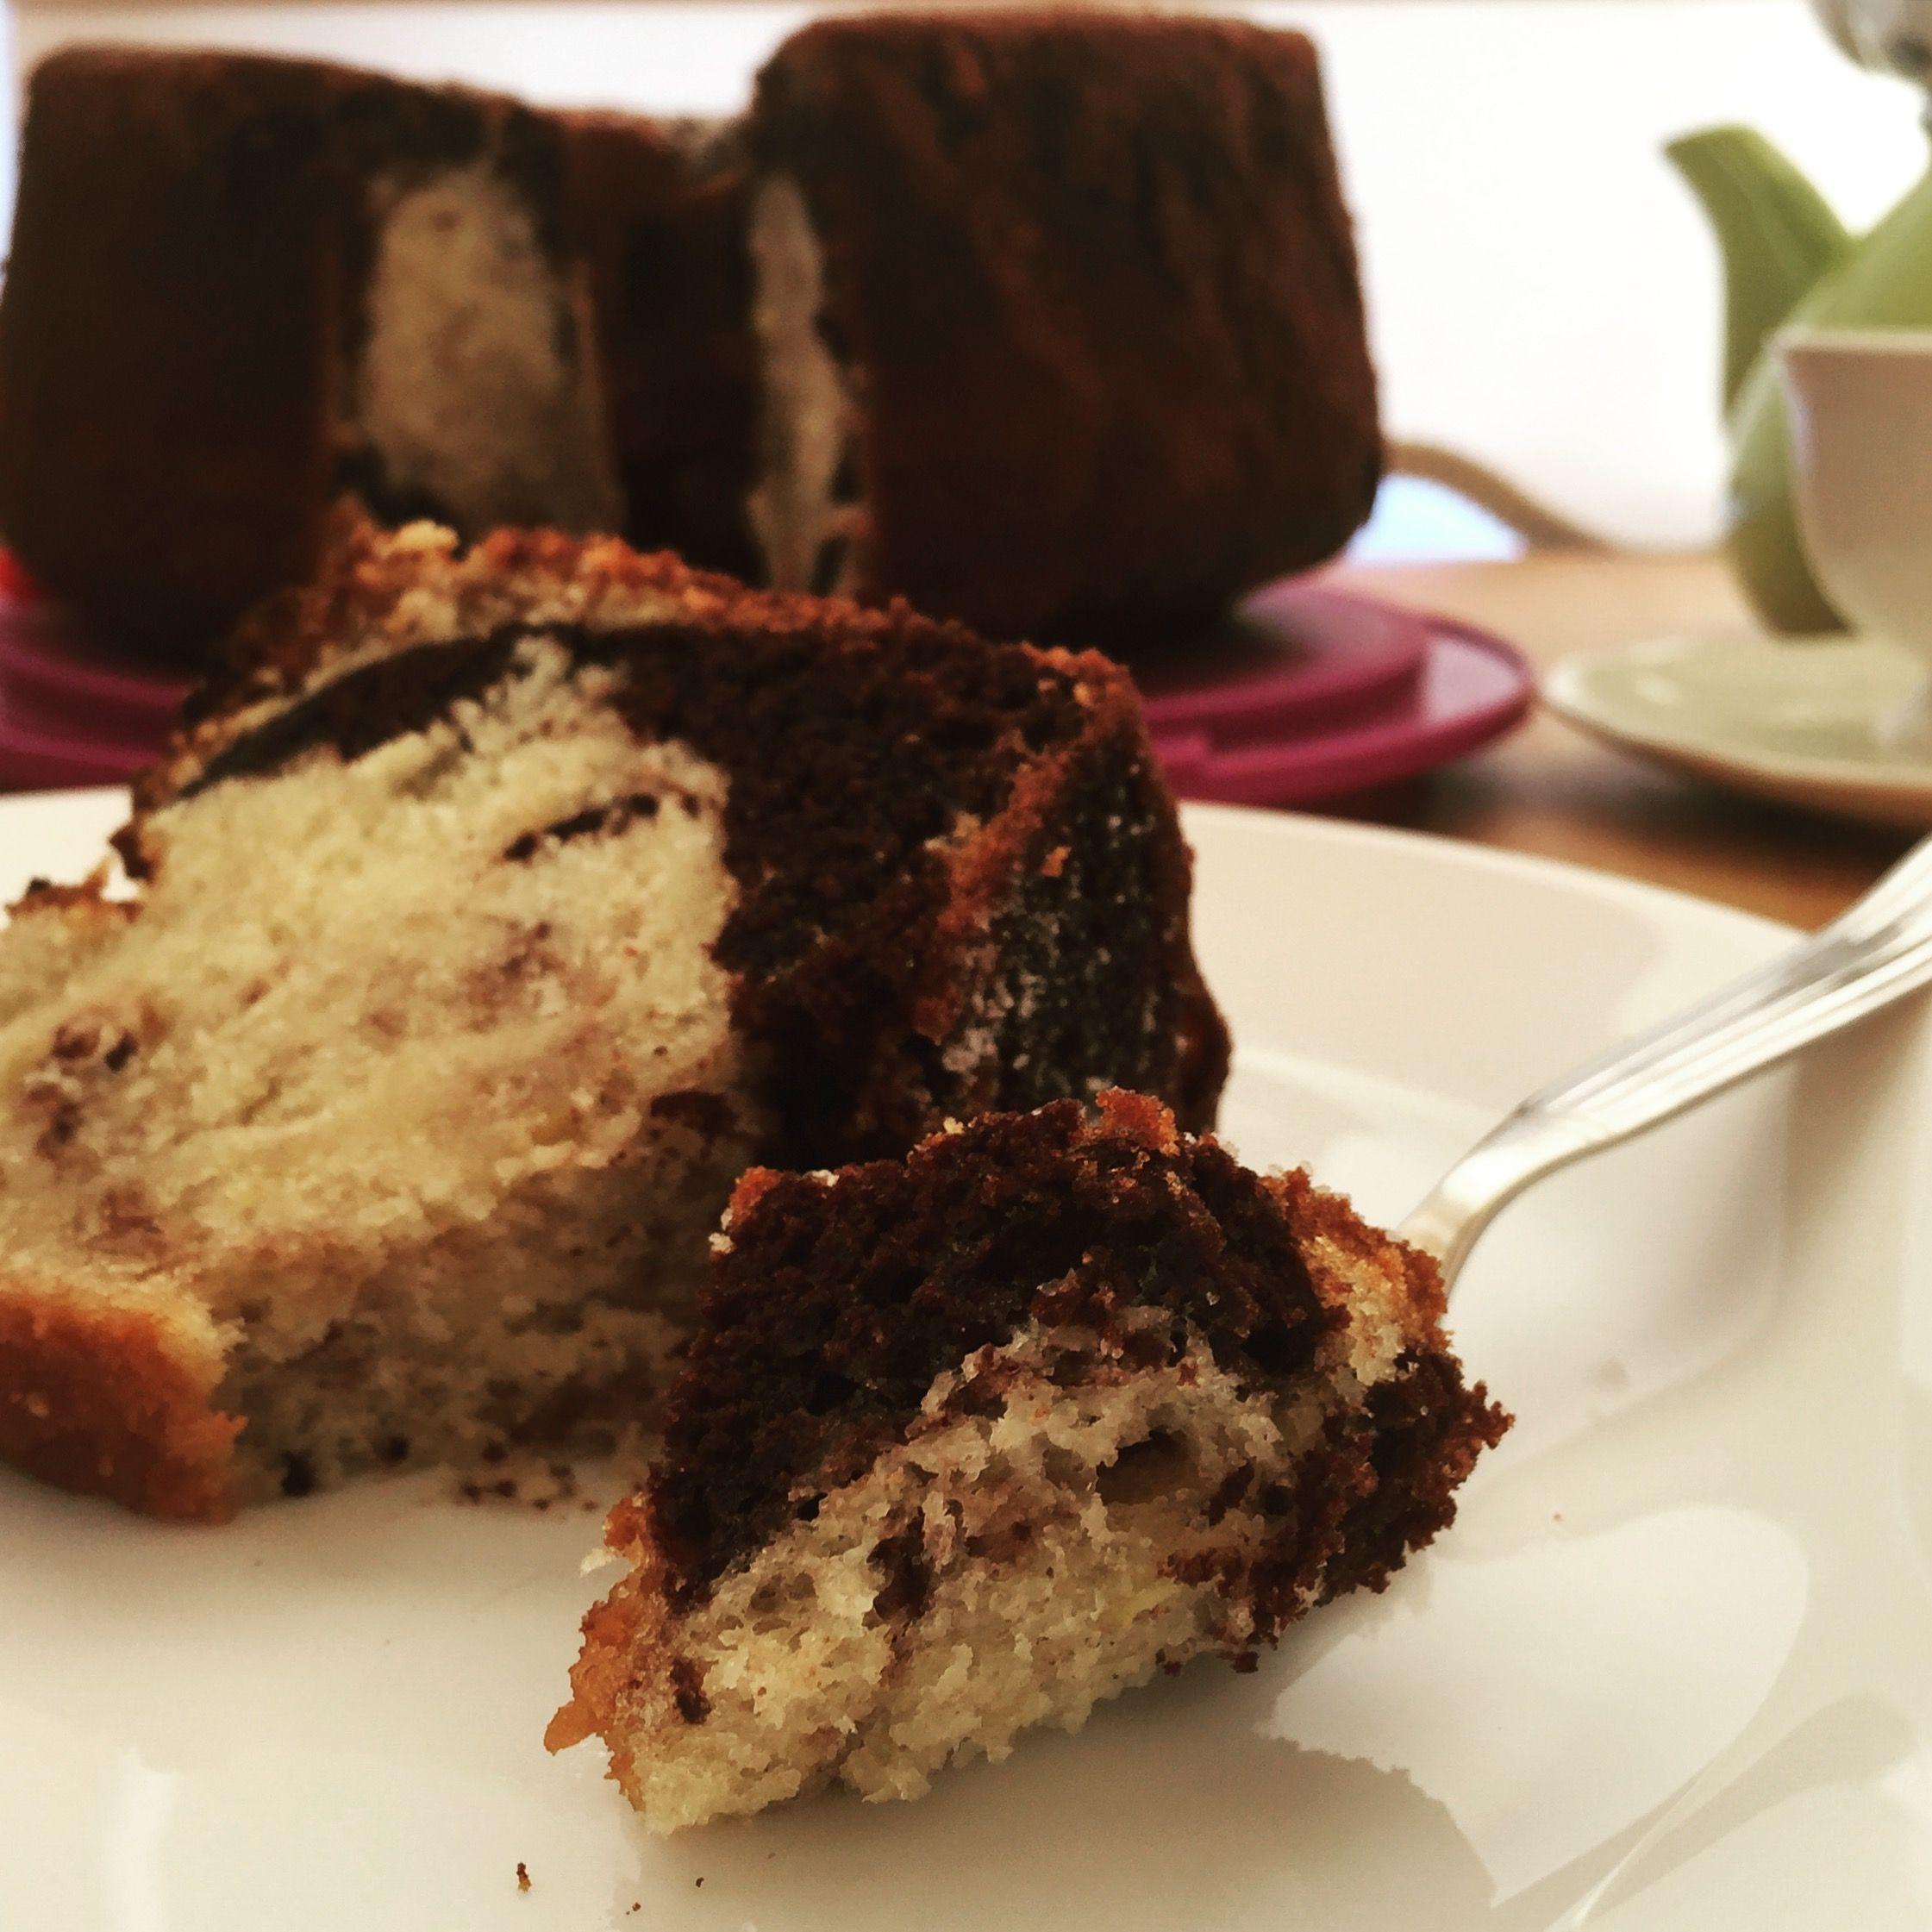 Mermer çikolata kek tarifi